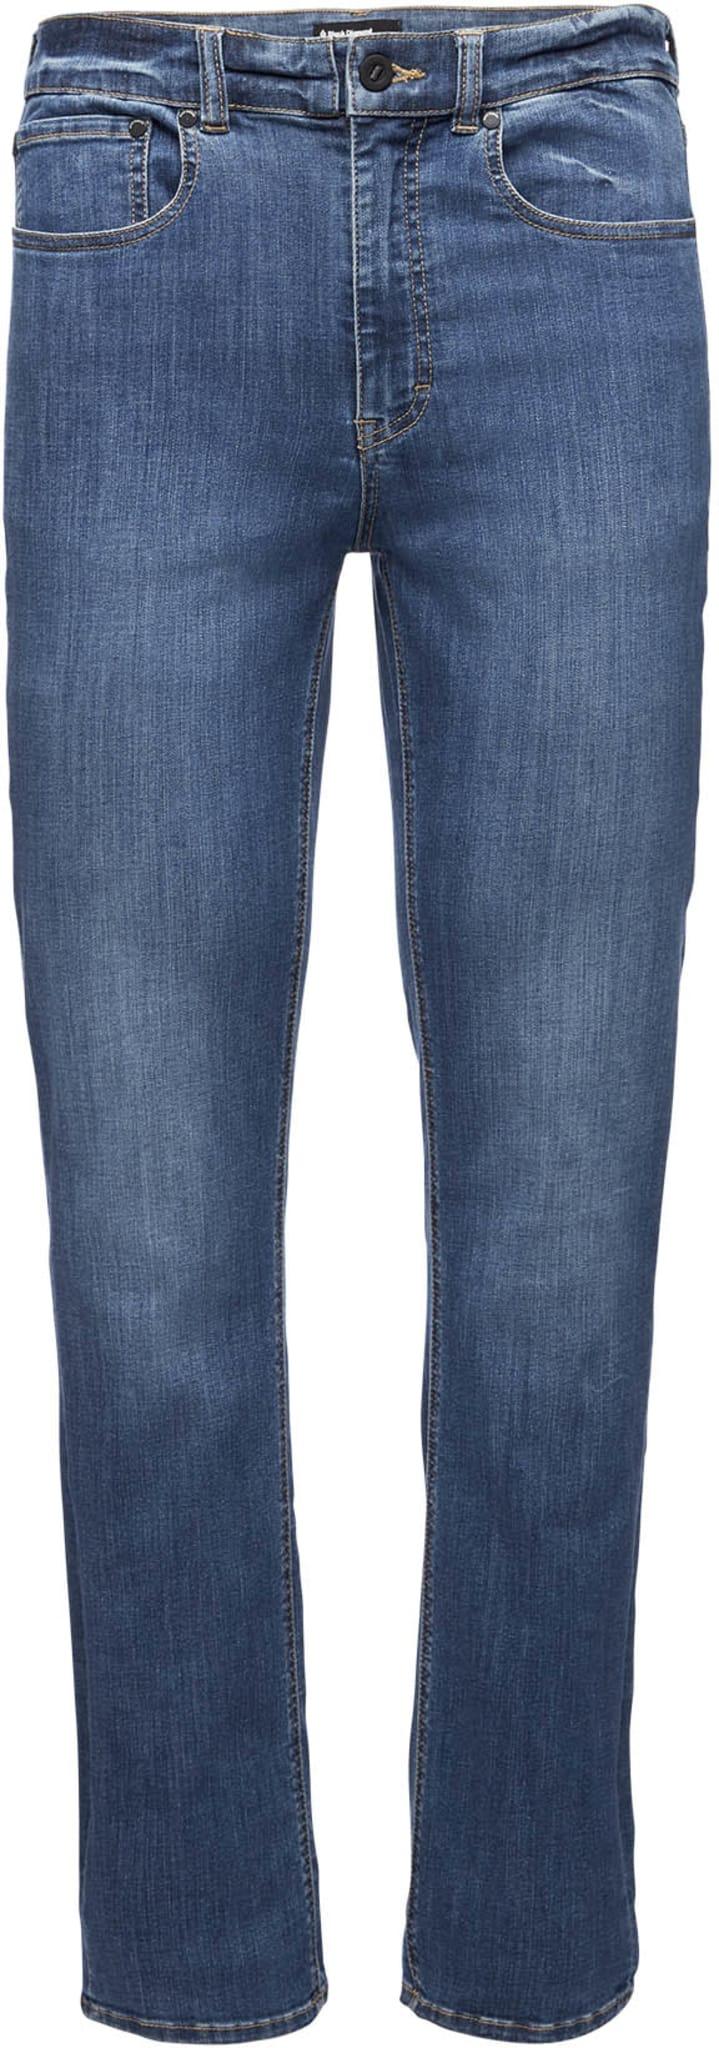 Bukse som ser ut som en jeans men er 100% klatrebukse